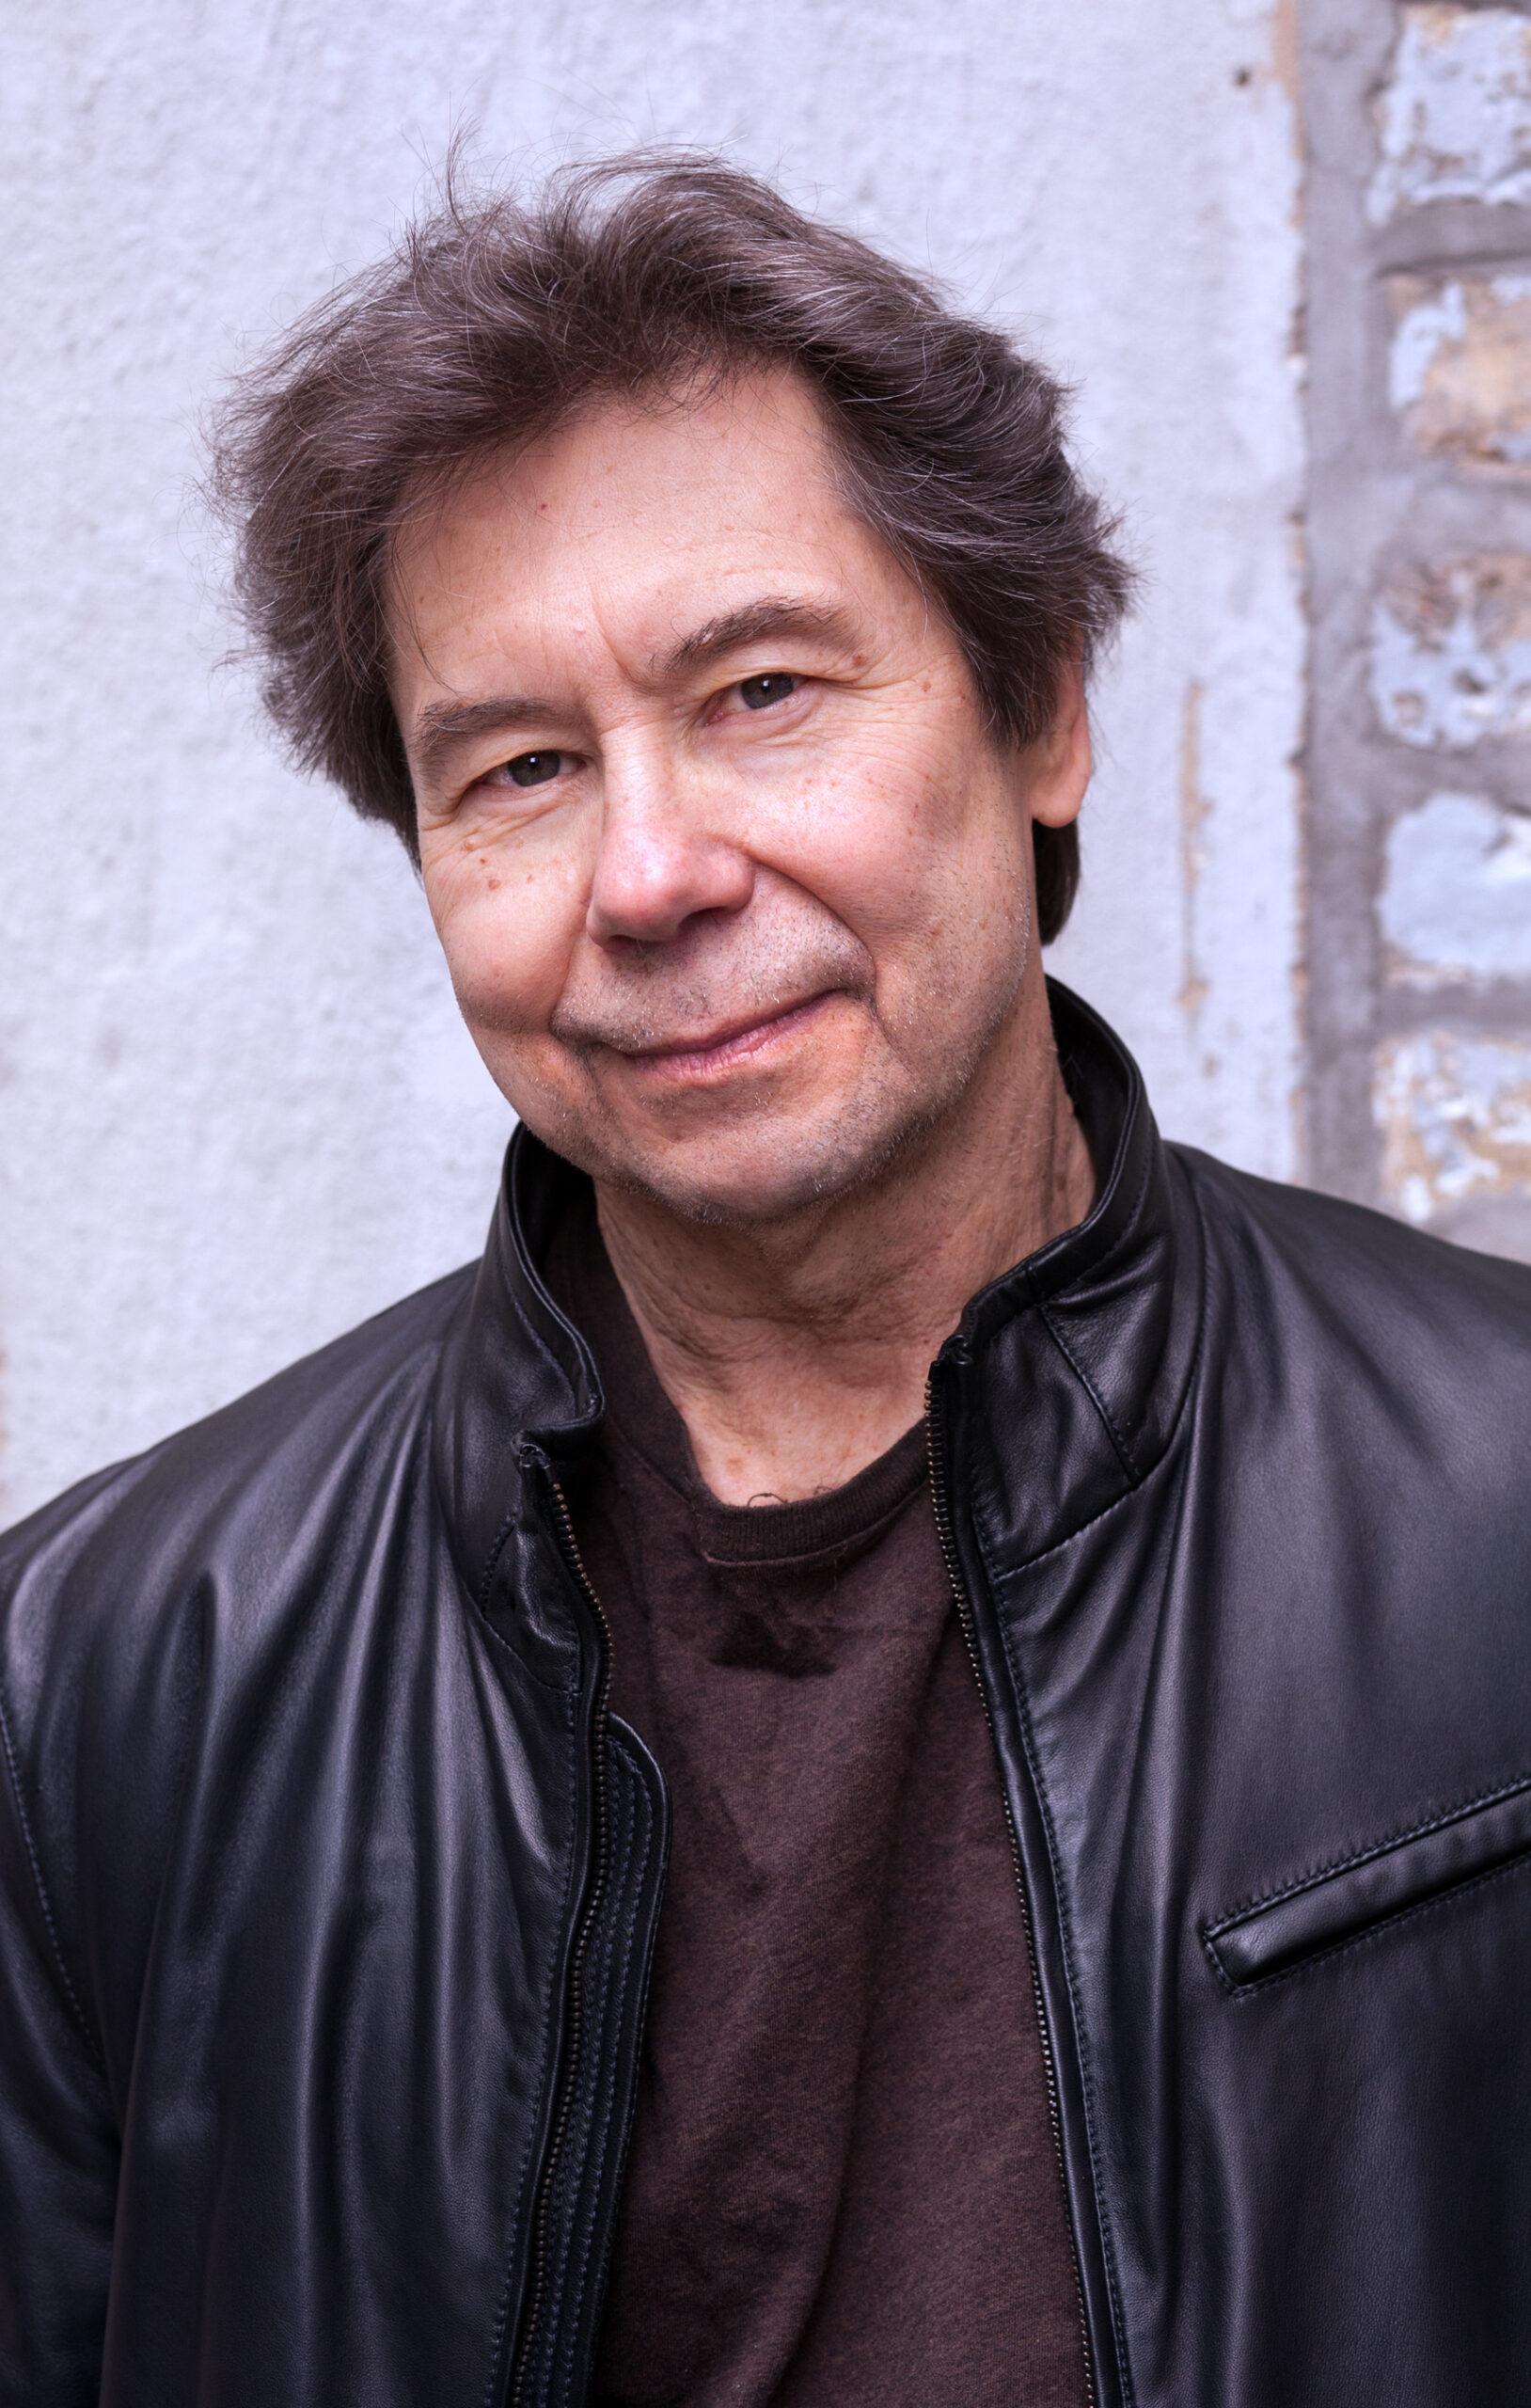 Photo of Stuart Dybek